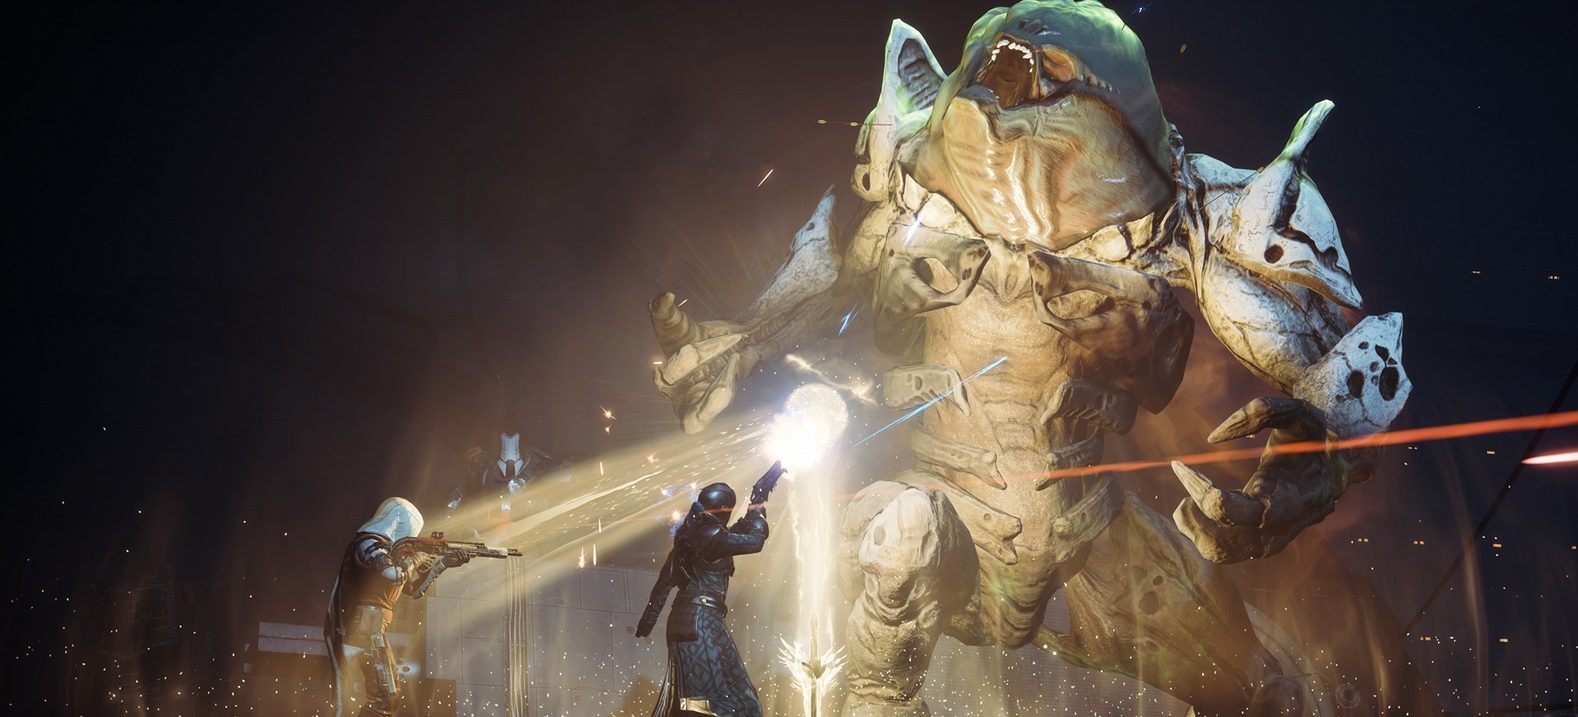 Destiny 2: Fans wollen mehr Inhalte wie Zerbrochener Thron – Das sagt Bungie